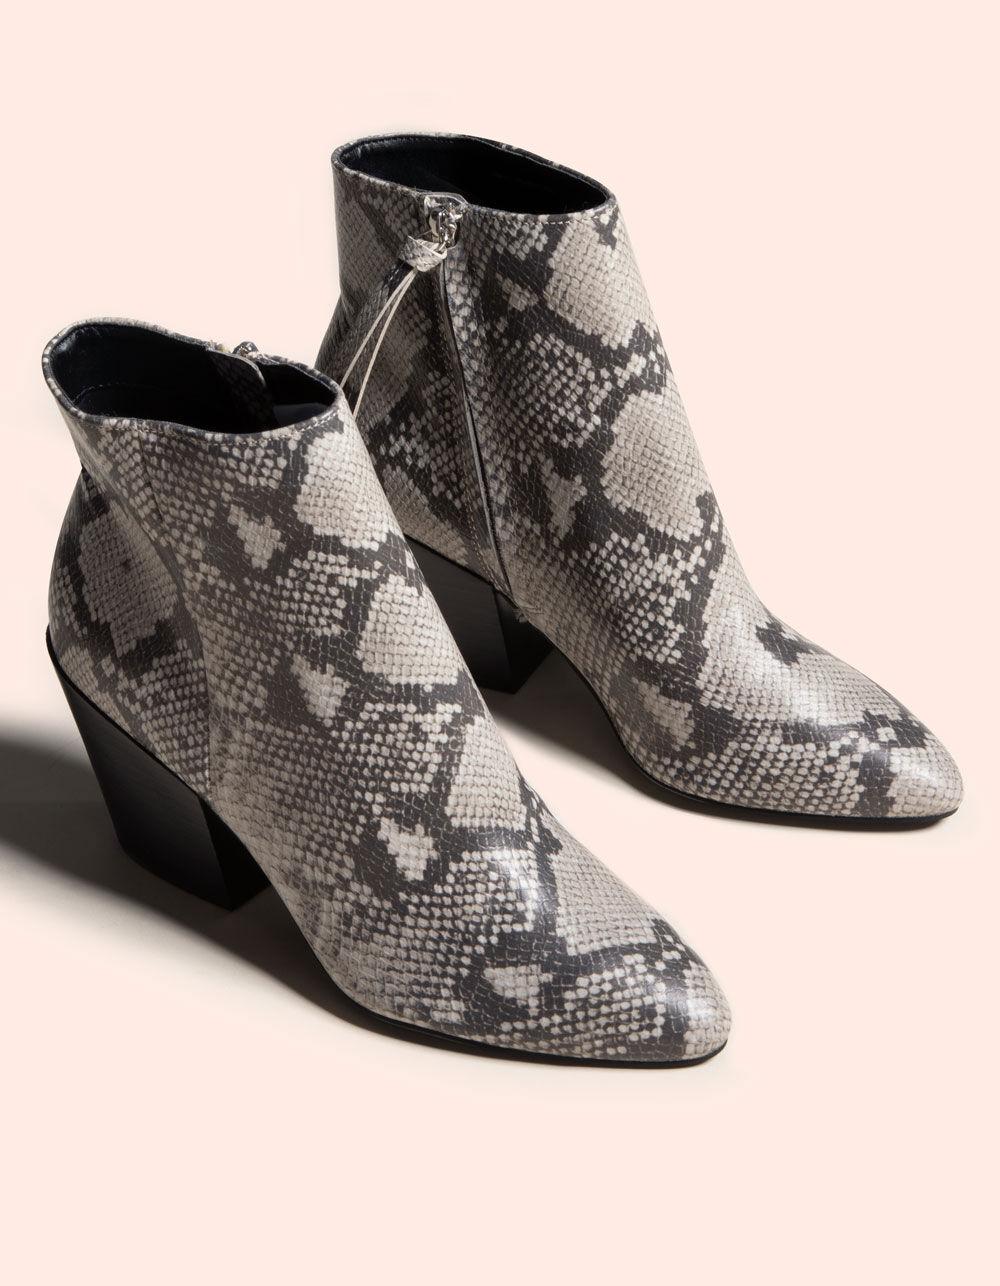 DOLCE VITA Perilla Snake Block Heel Black & White Booties